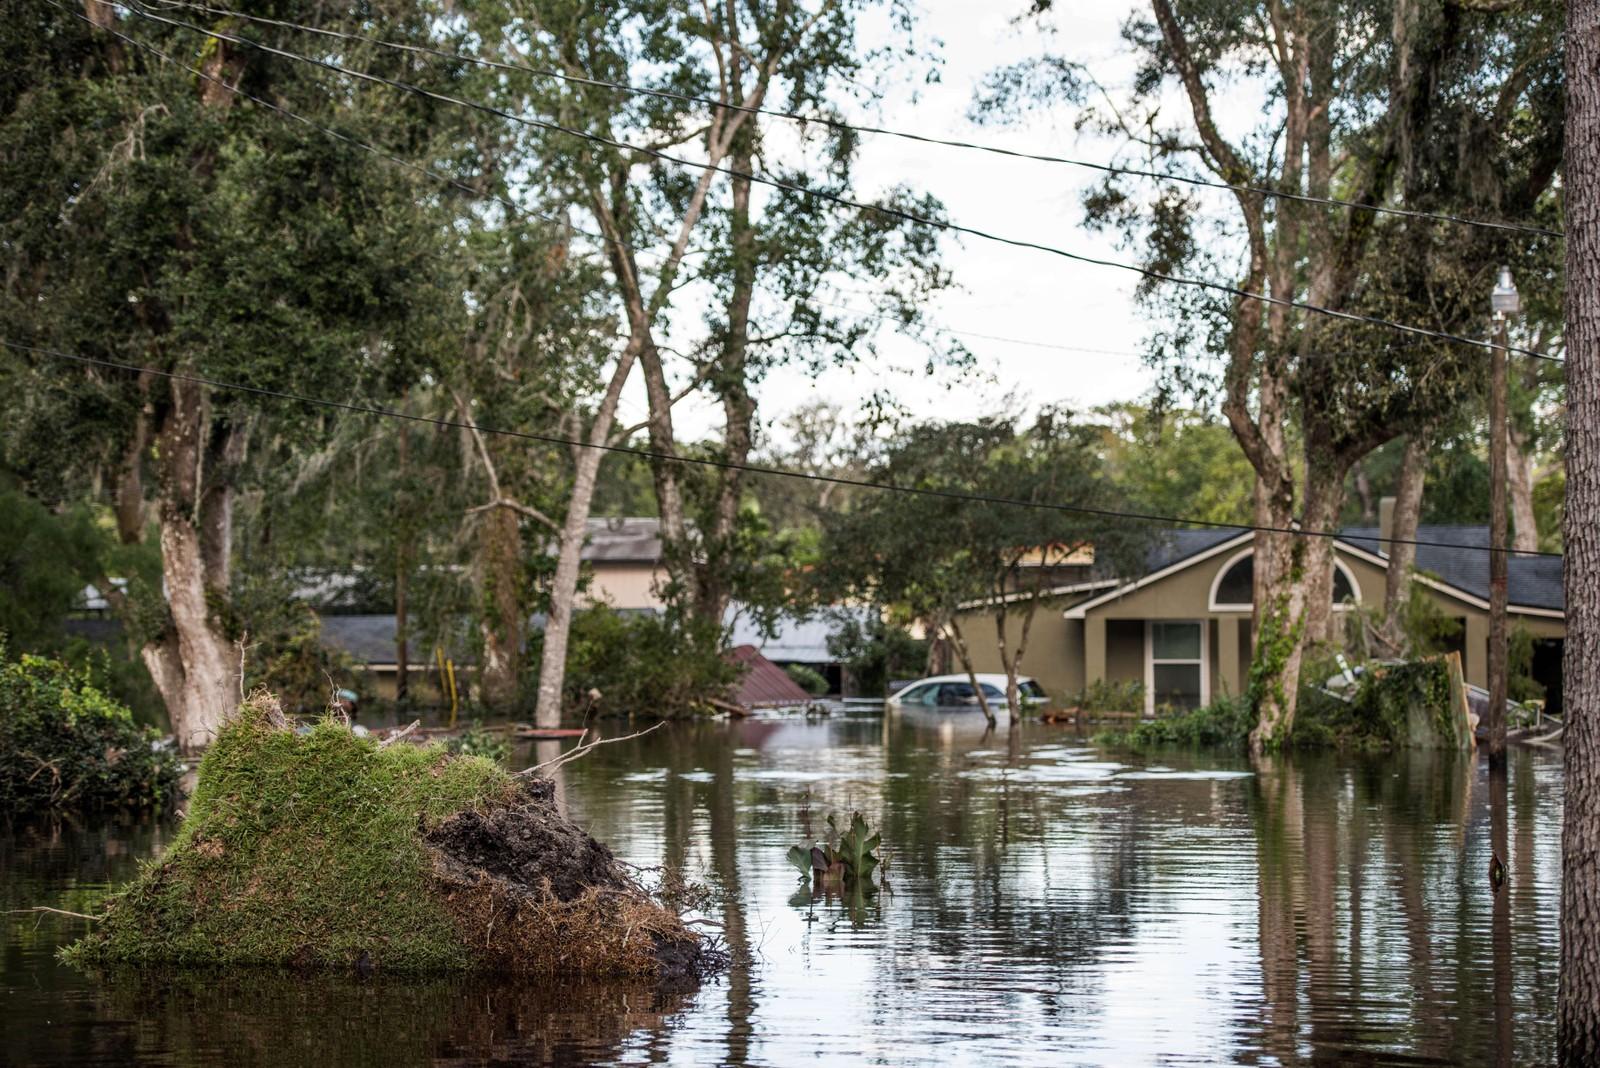 Uværet har ført til voldsom stormflo og oversvømmelser mange steder i Florida.